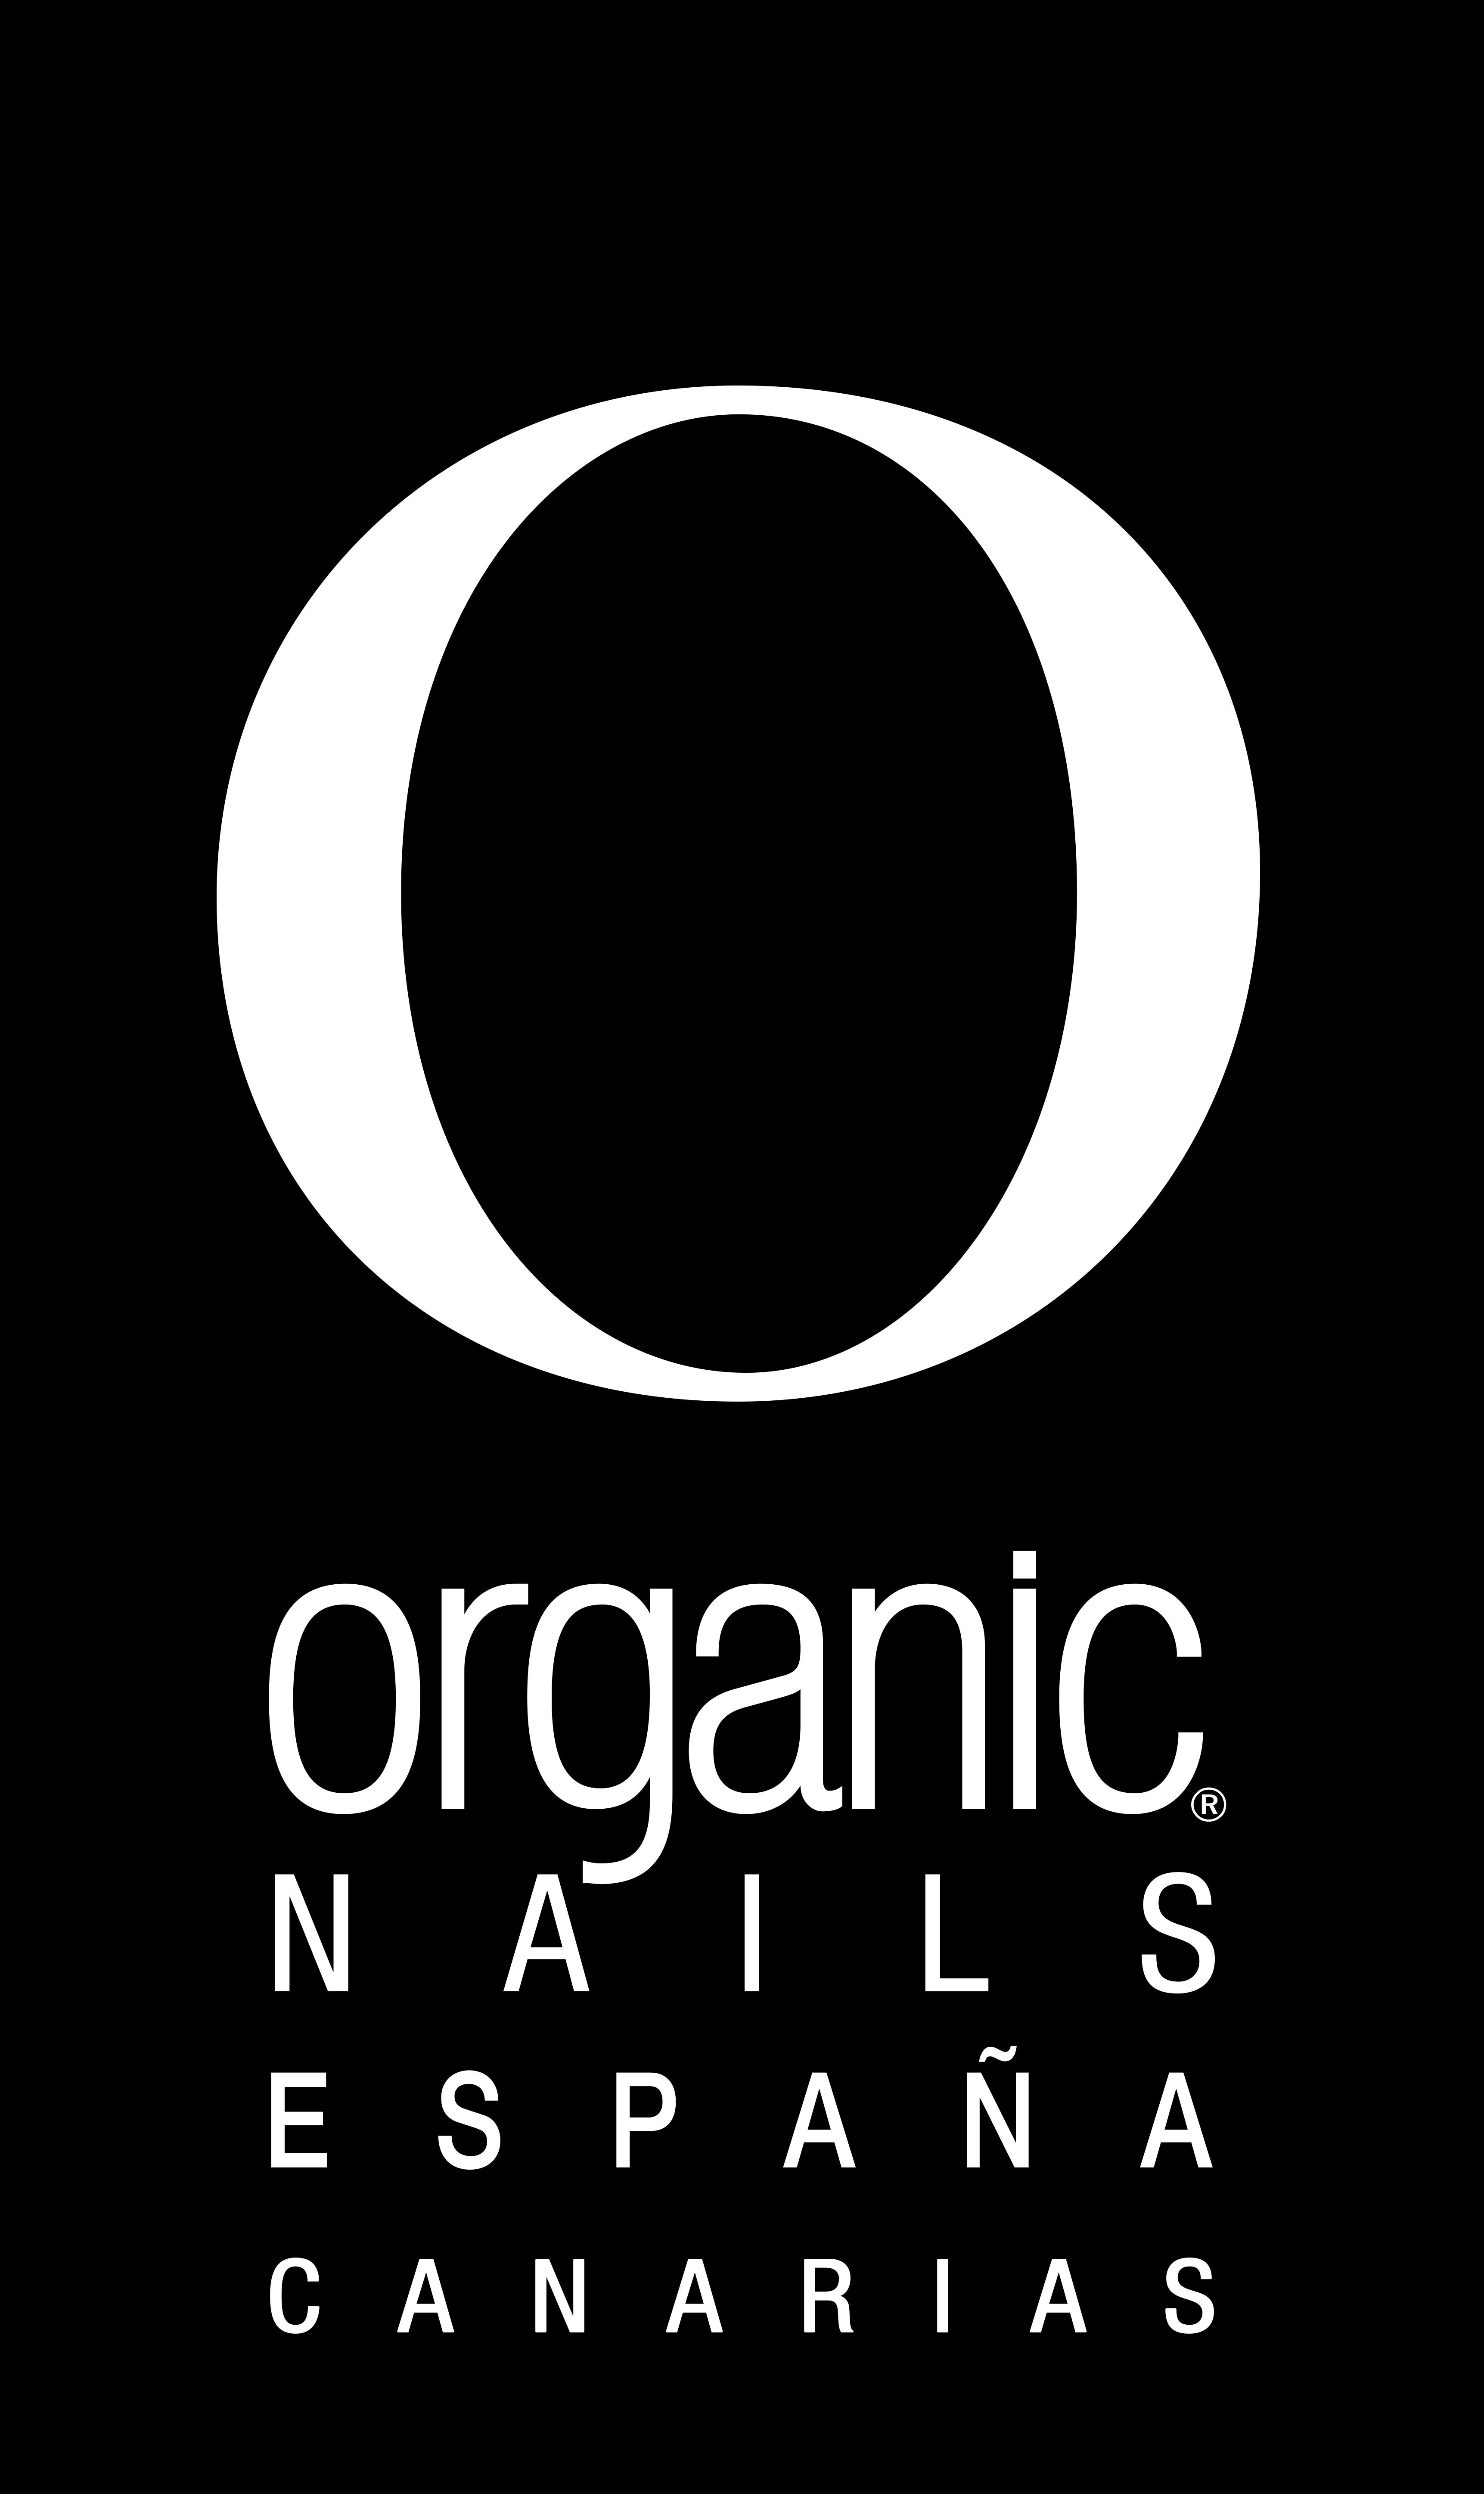 logo Organic Nails España Canarias